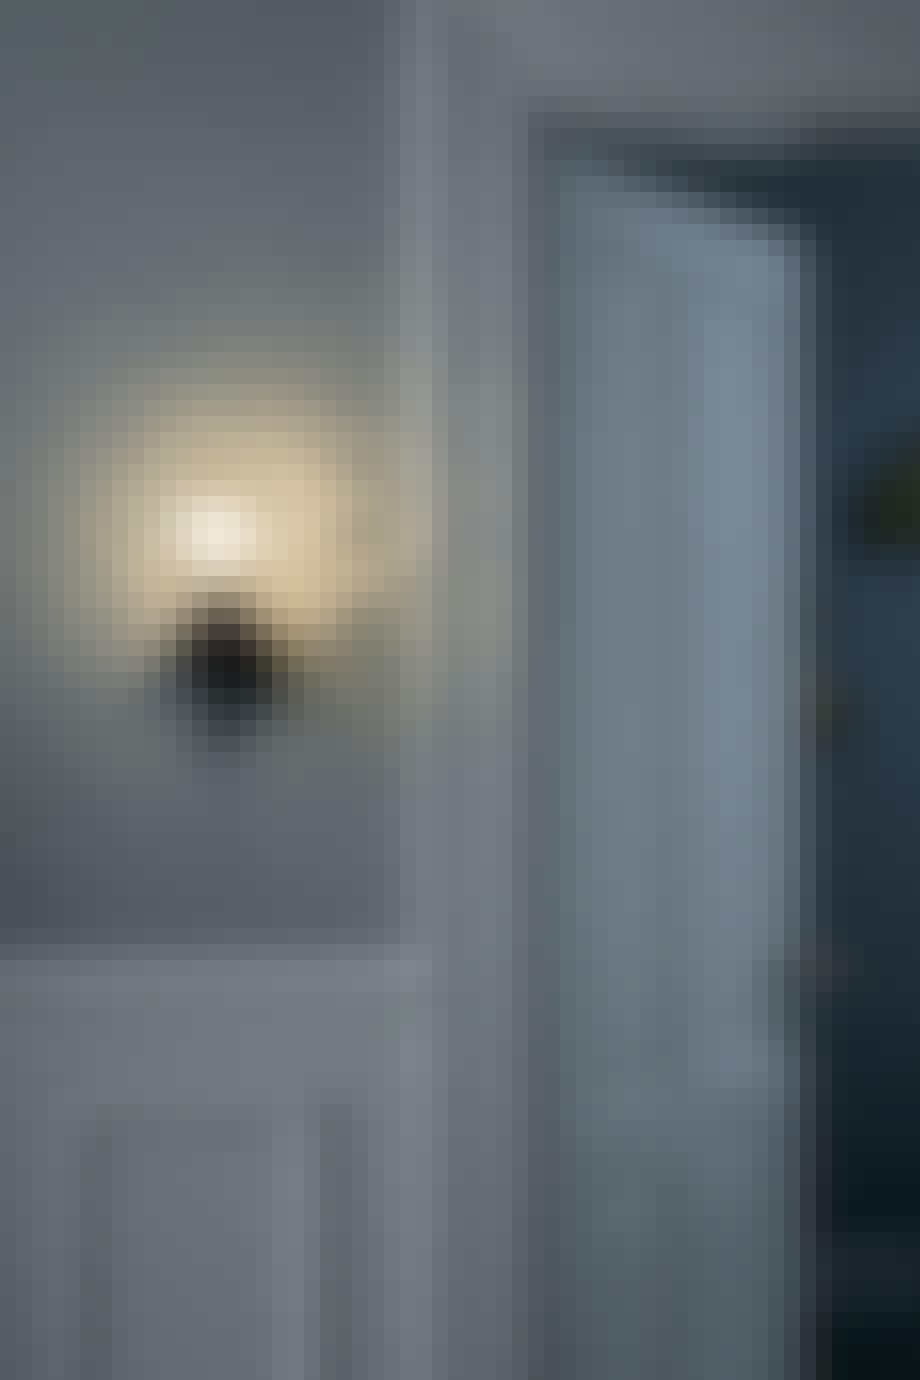 """Lampe fra Nuuras """"Miira""""-kollektion. Priser fra 2.299 kr."""